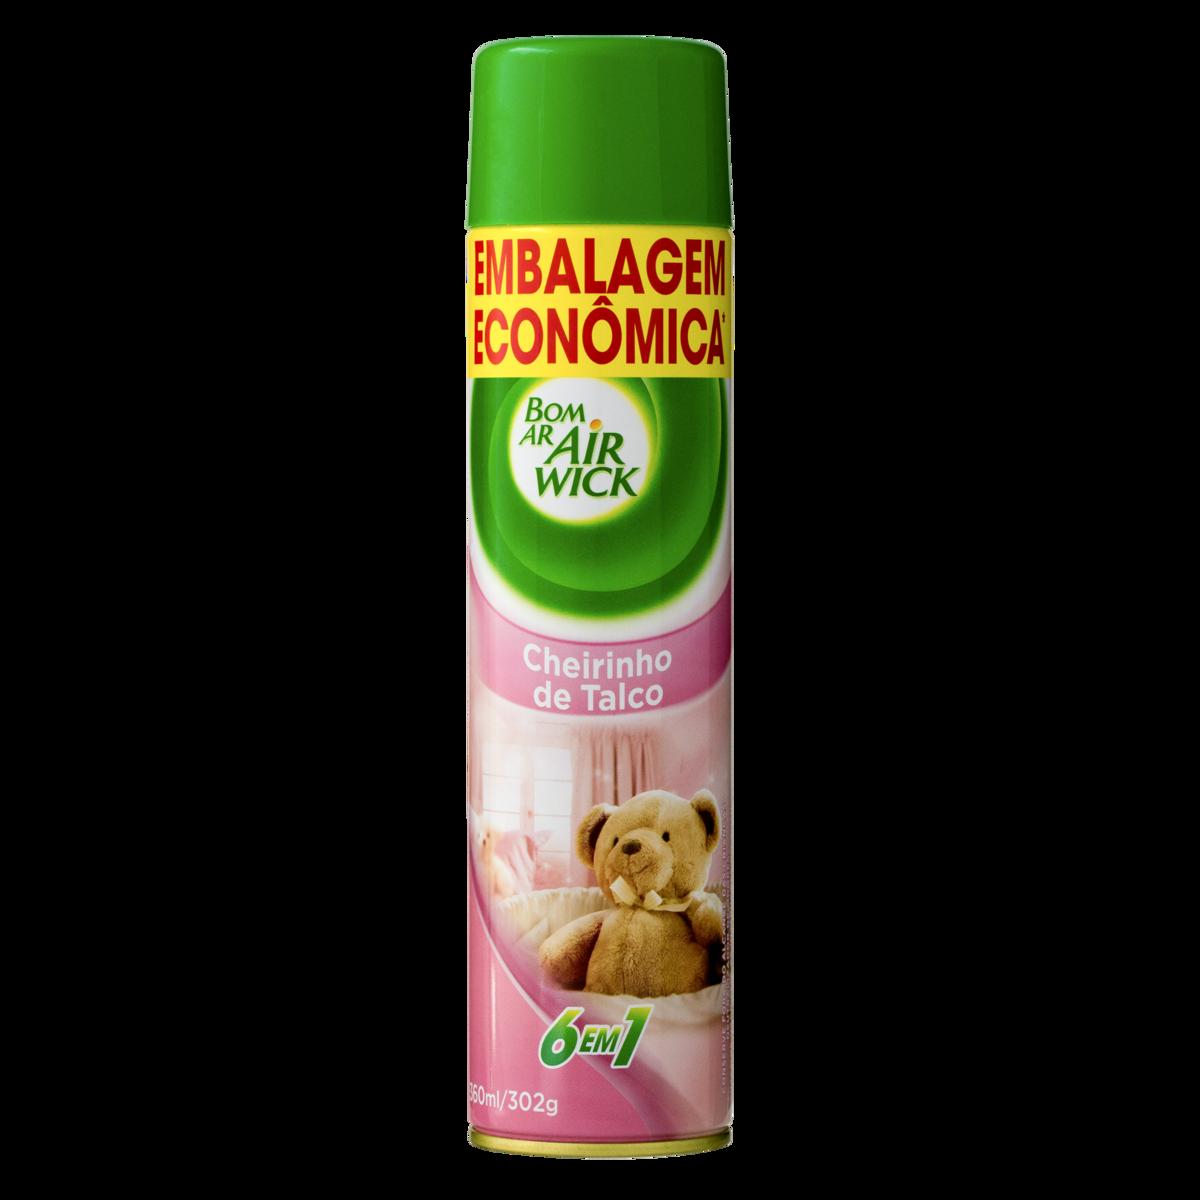 Neutralizador De Odores 6 Em 1 Cheirinho De Talco Air Wick Bom Ar Frasco 360ml Embalagem Econômica